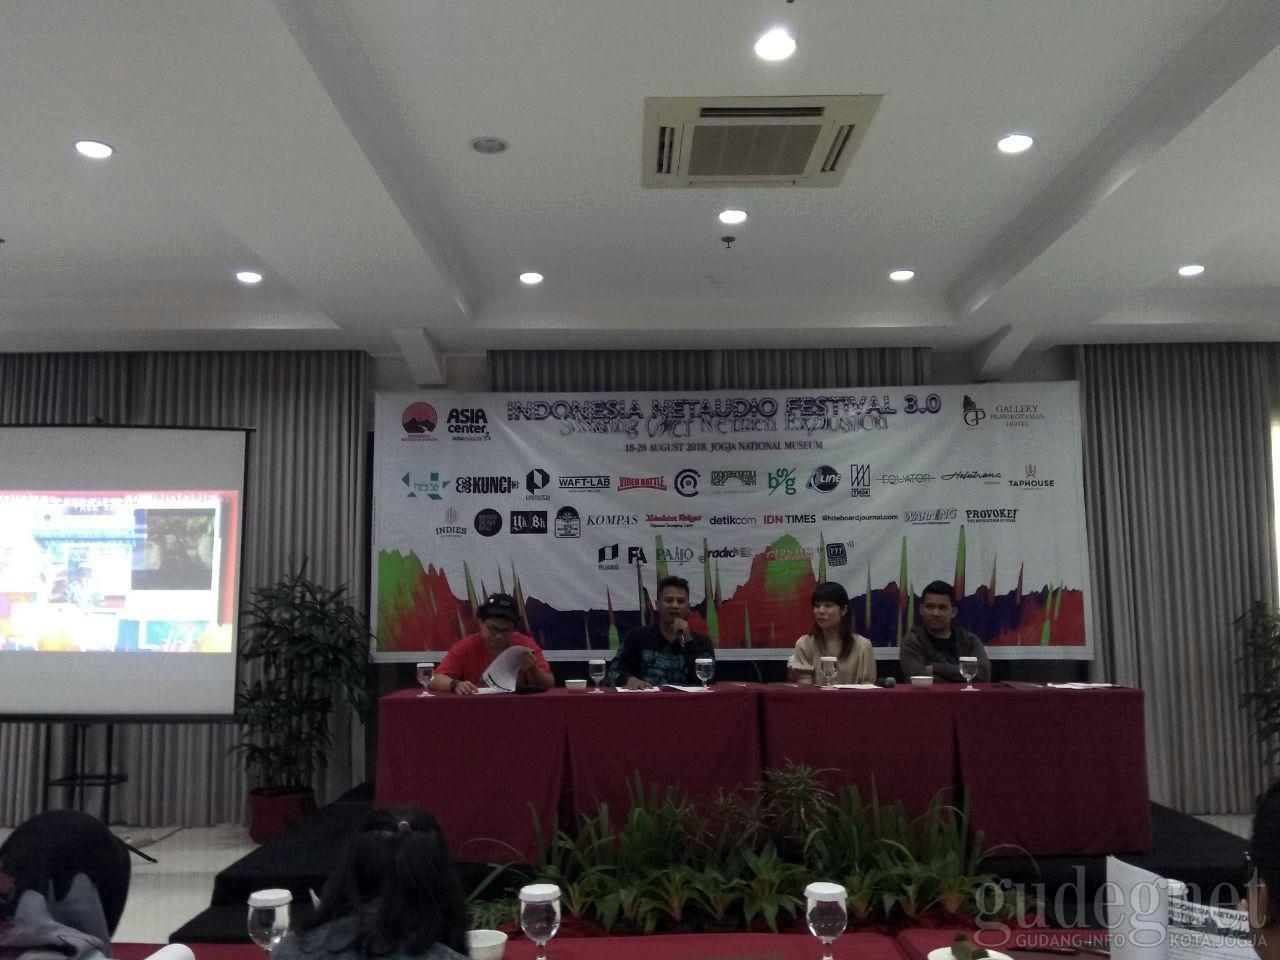 Indonesia Netaudio Festival 3.0, Mengkaji Budaya di Tengah Maraknya Pengguna Internet